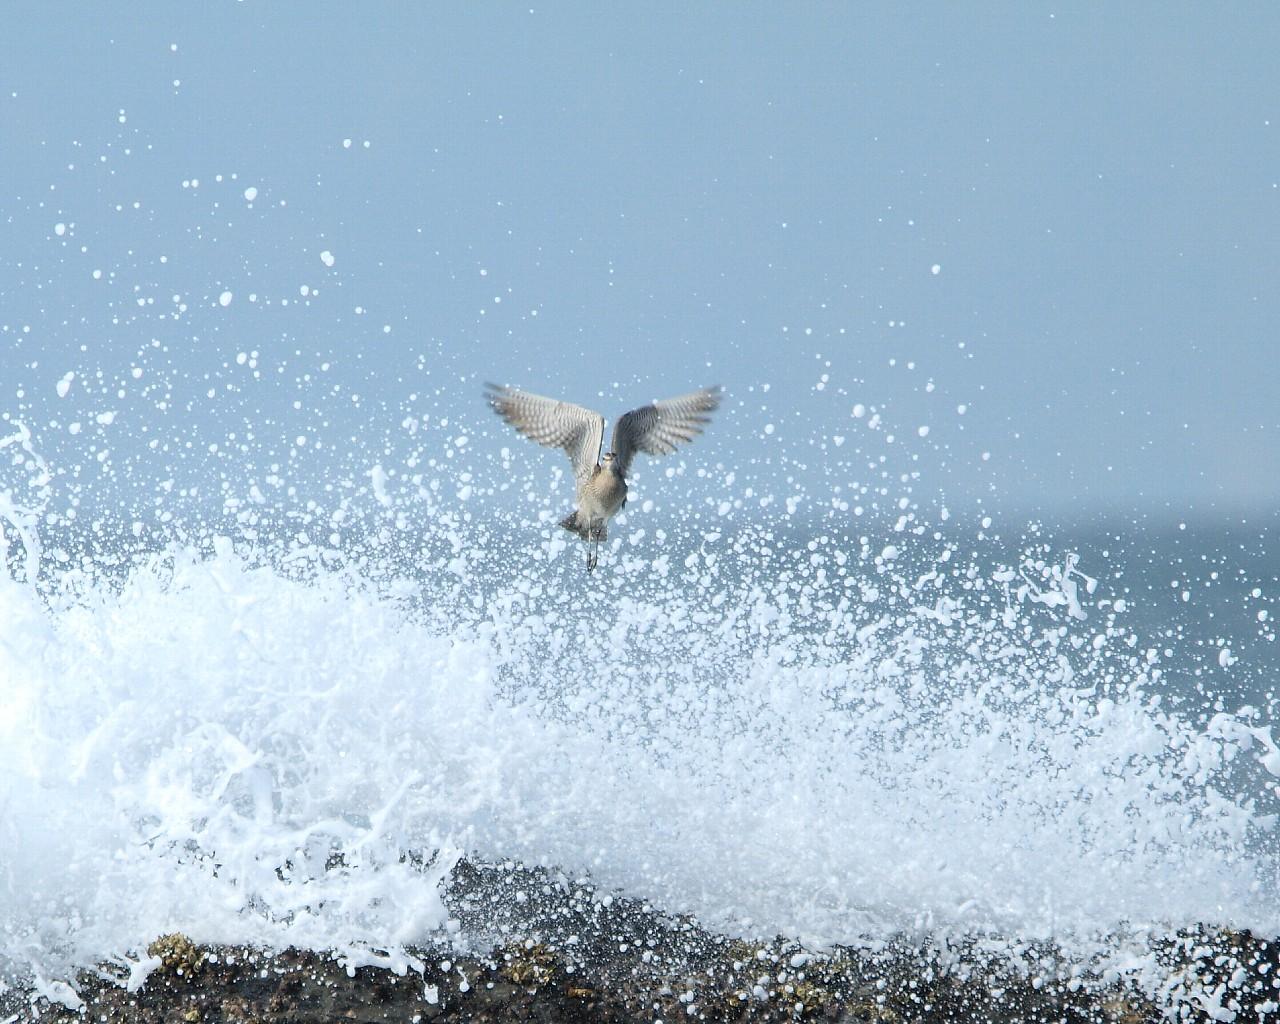 チュウシャクシギと波(涼しげで迫力ある野鳥の壁紙)_f0105570_21337100.jpg